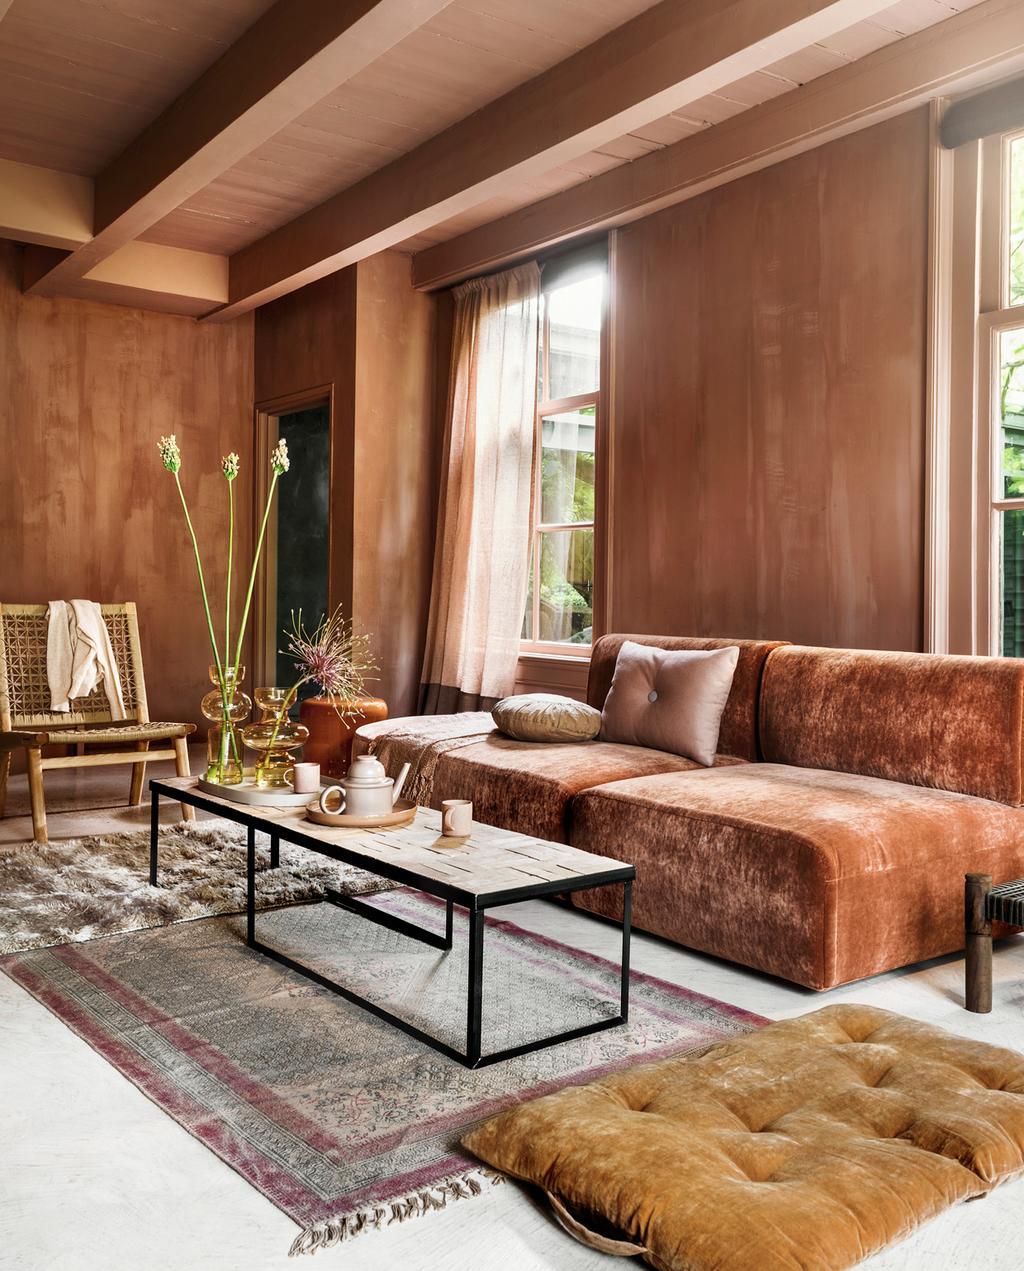 vtwonen 11-2020 | kies voor een warme sfeer tijdens het inrichten van de woonkamer met terra kleuren